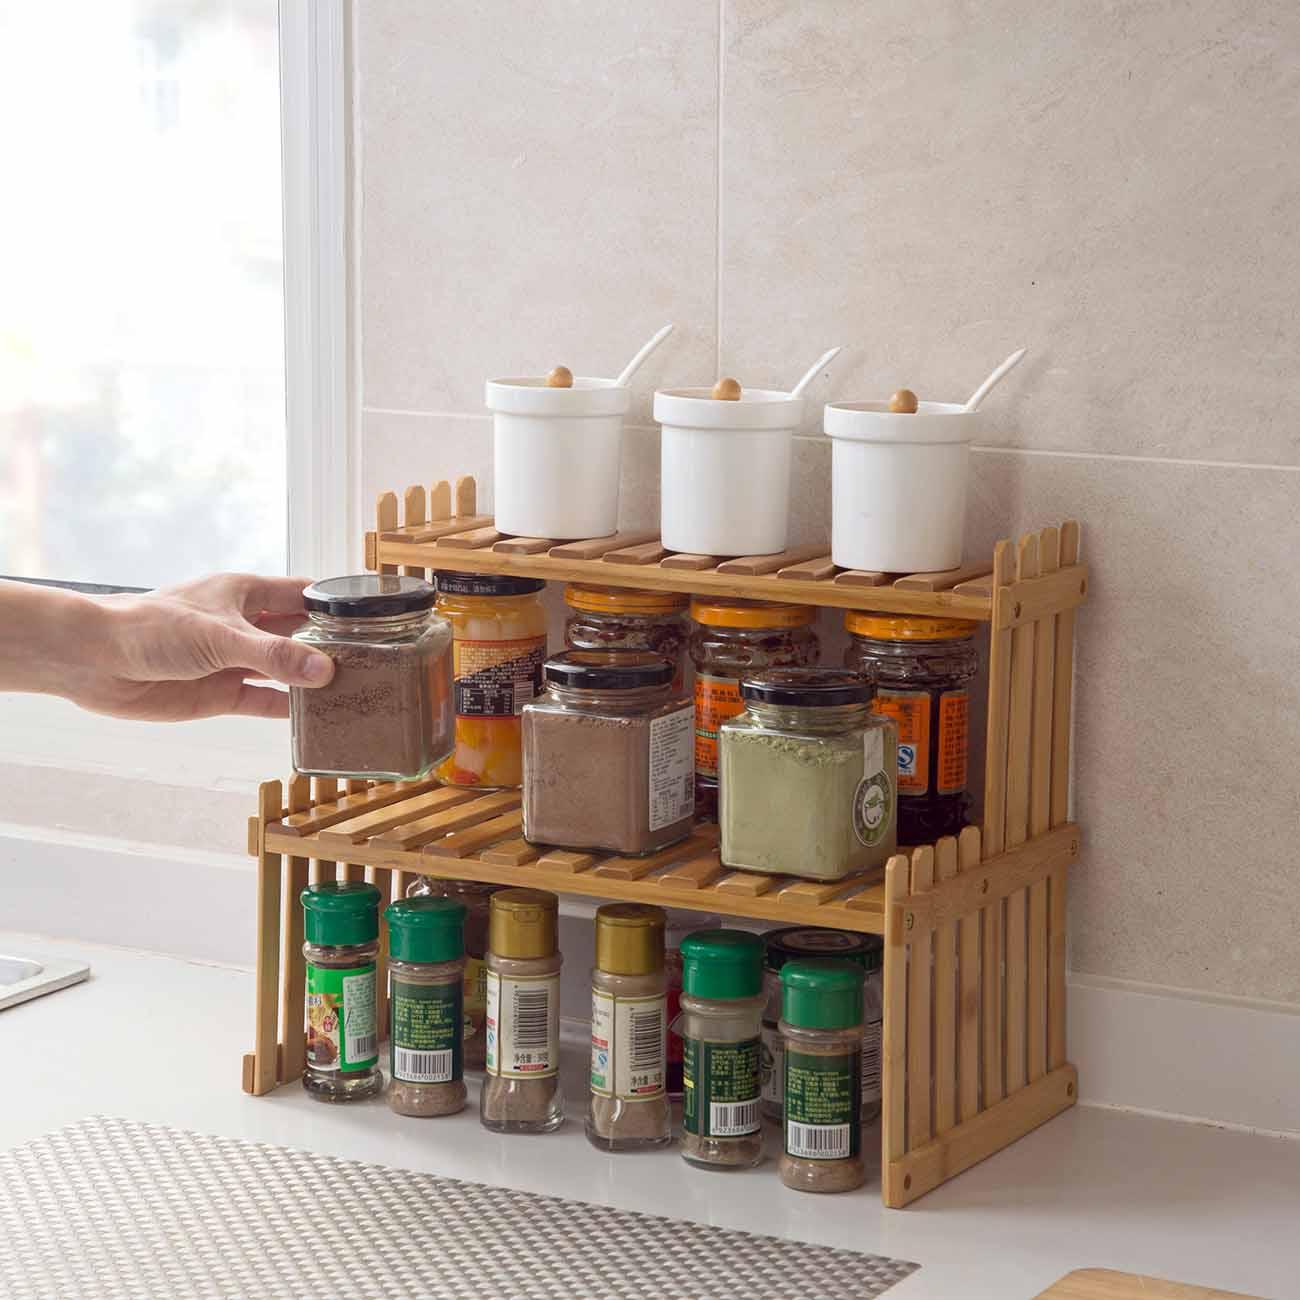 2 camadas de bambu rack armazenamento cozinha spice jar garrafa tempero rack decoração organizador prateleira casa prateleiras desktop|Racks e suportes de armazenamento| |  - title=